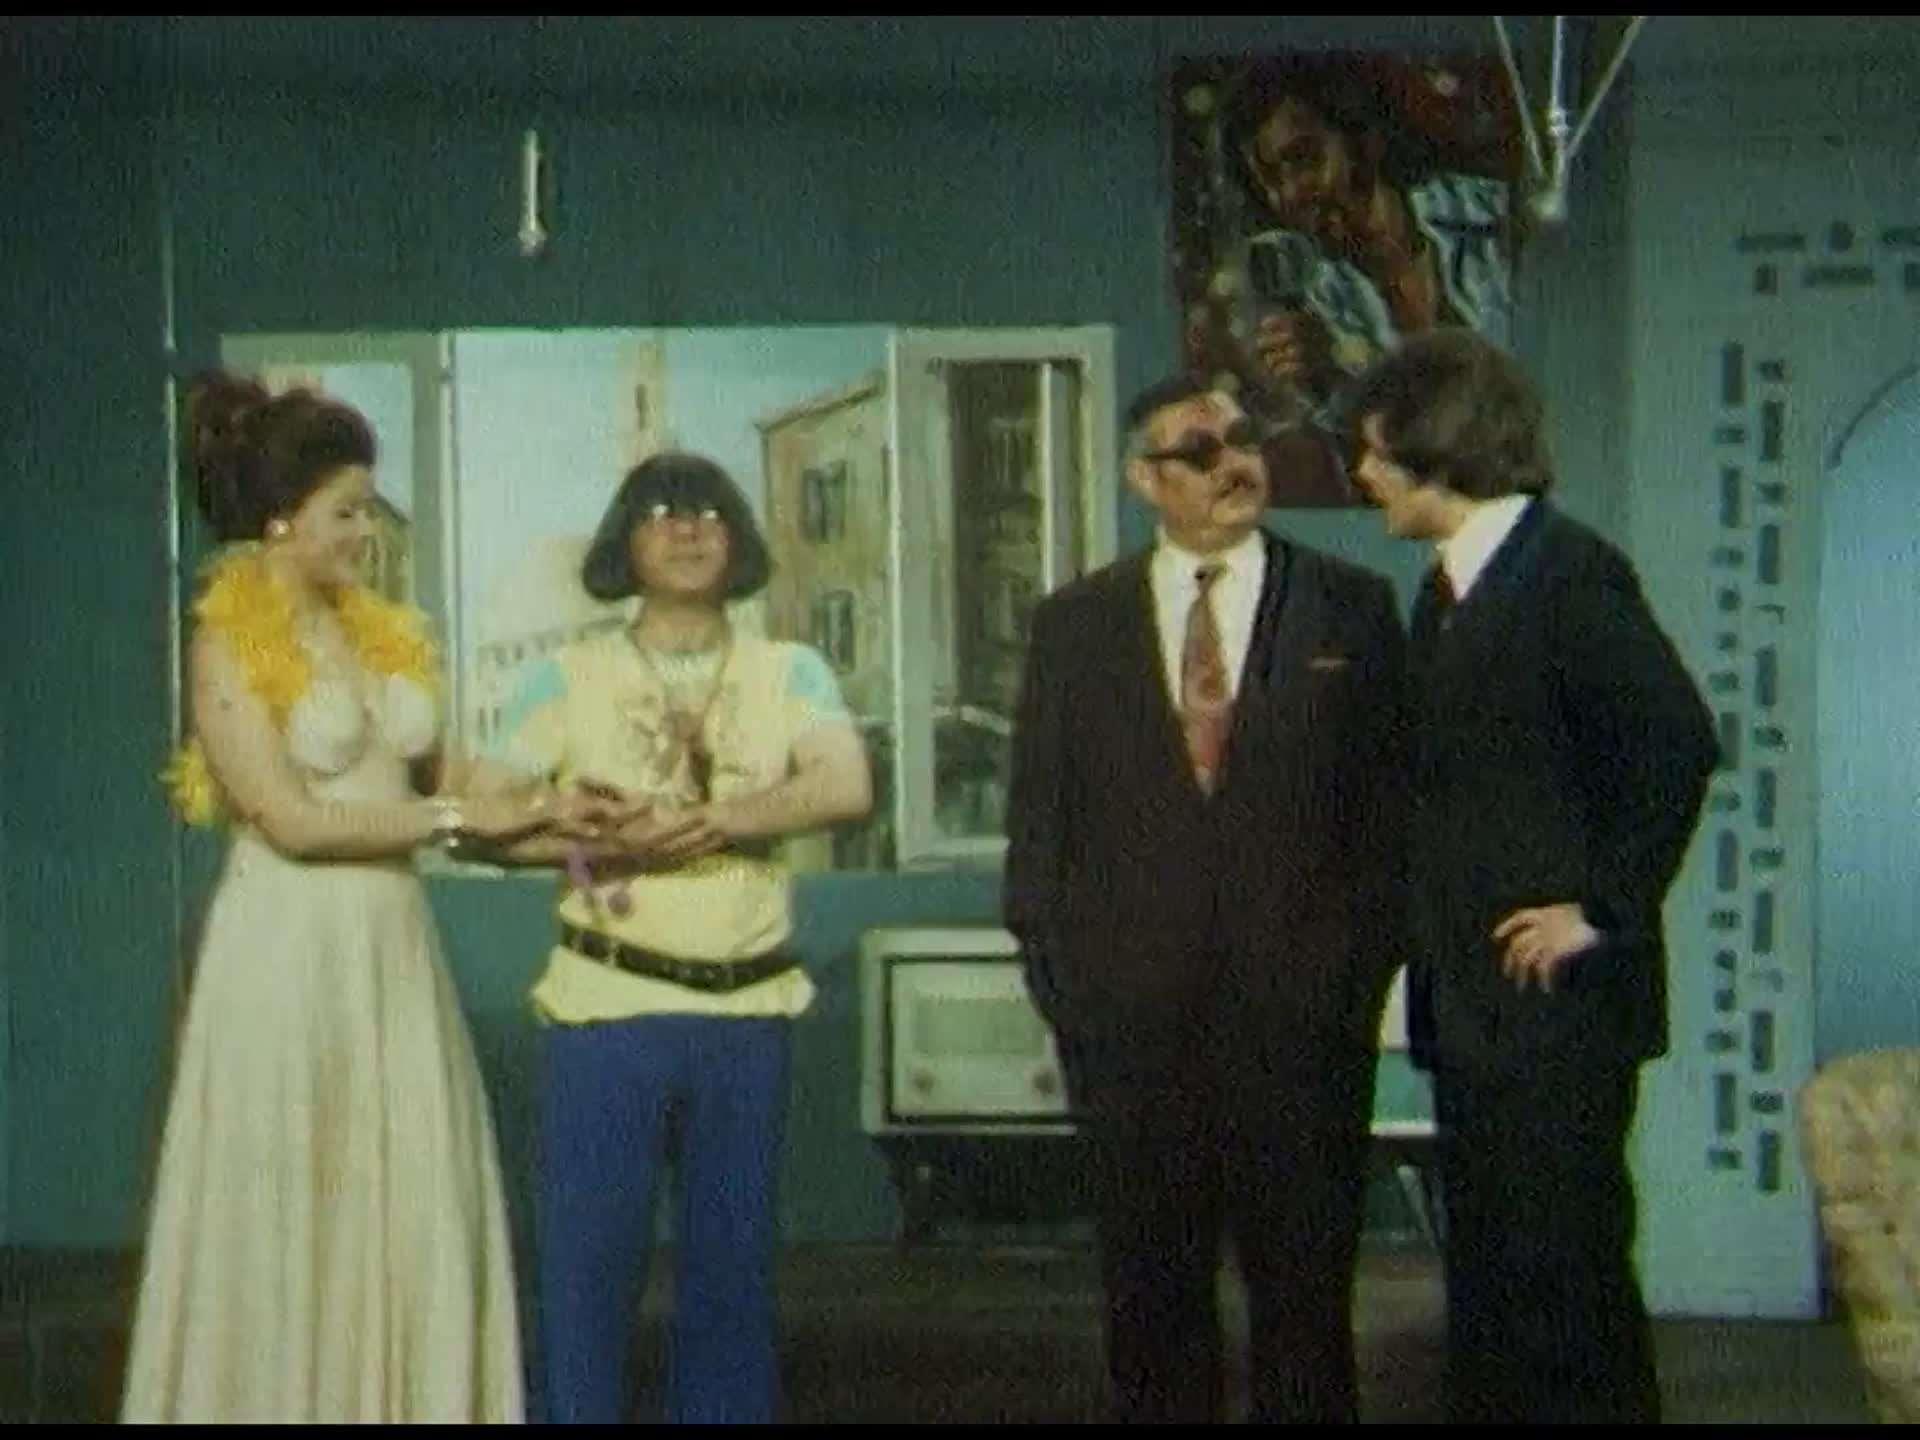 مسرحية لوليتا (1974) 1080p تحميل تورنت 13 arabp2p.com